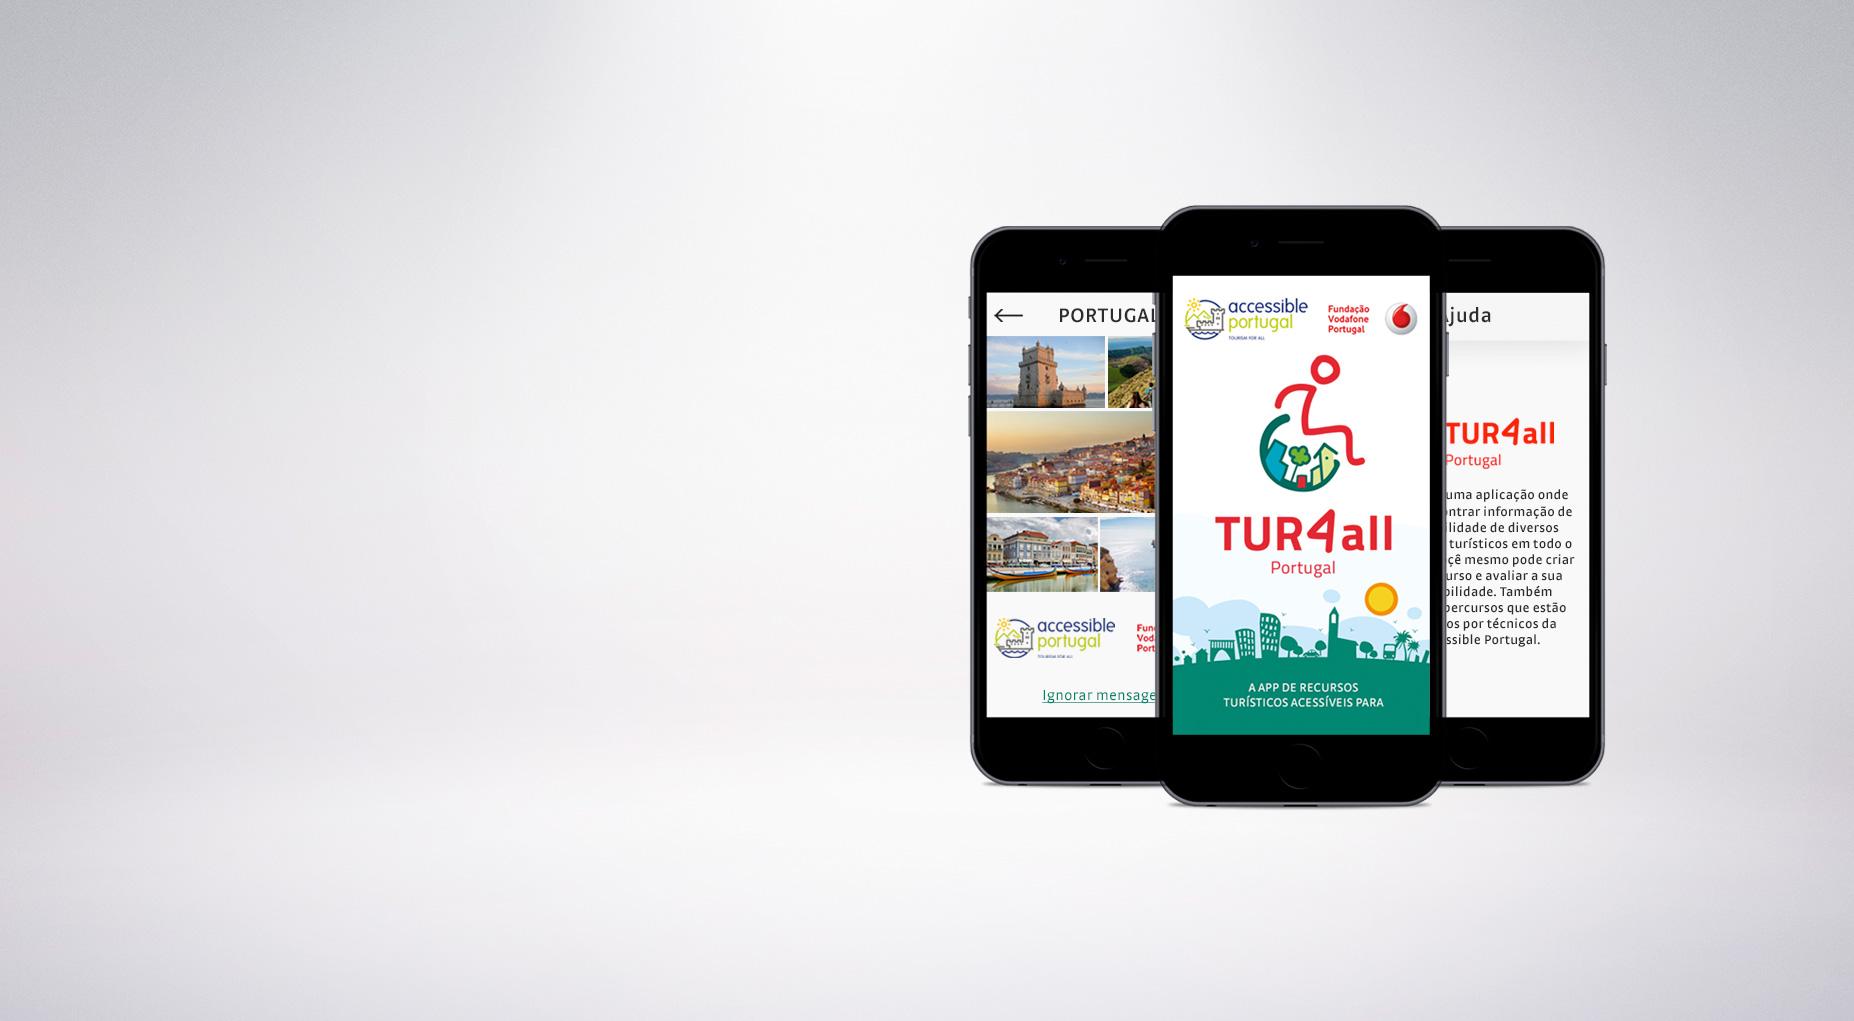 Composição 3 telemóveis com a aplicação móvel Tur4all